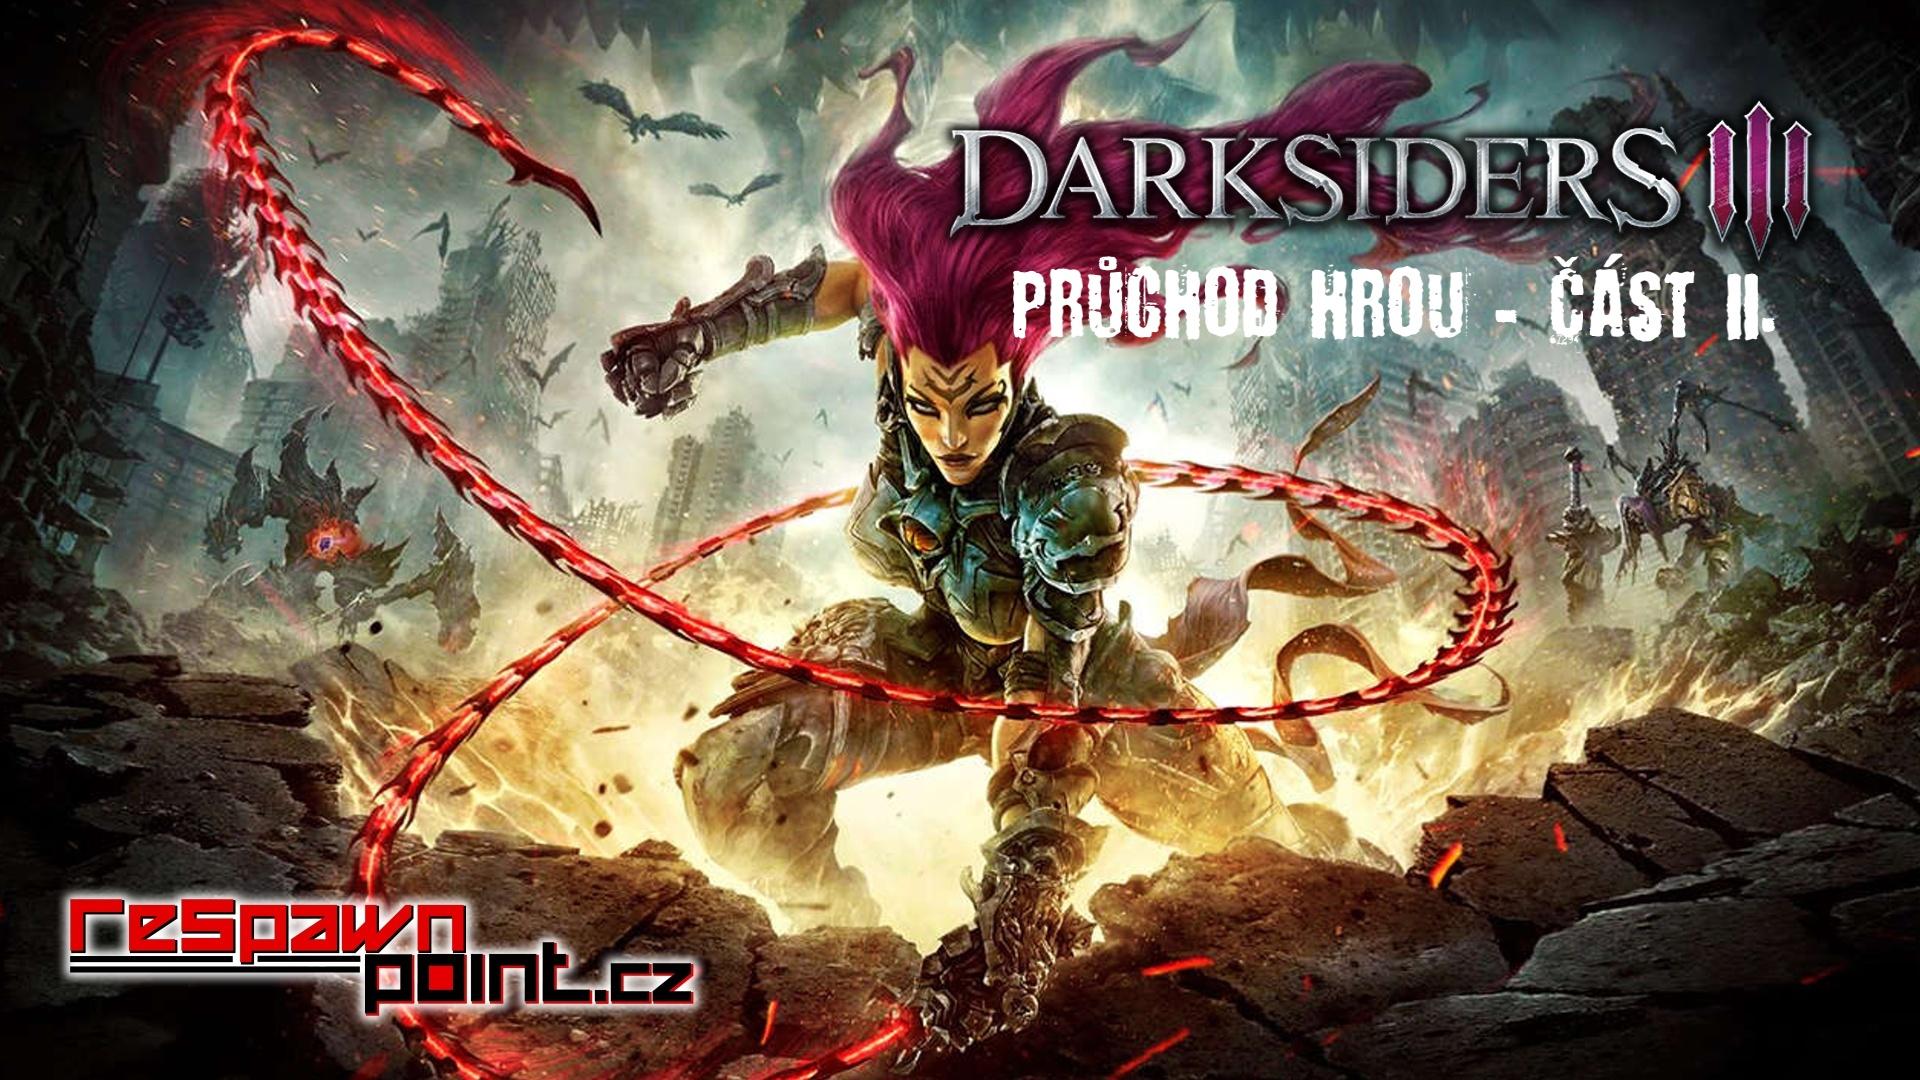 Darksiders 3 – Průchod hrou – část II